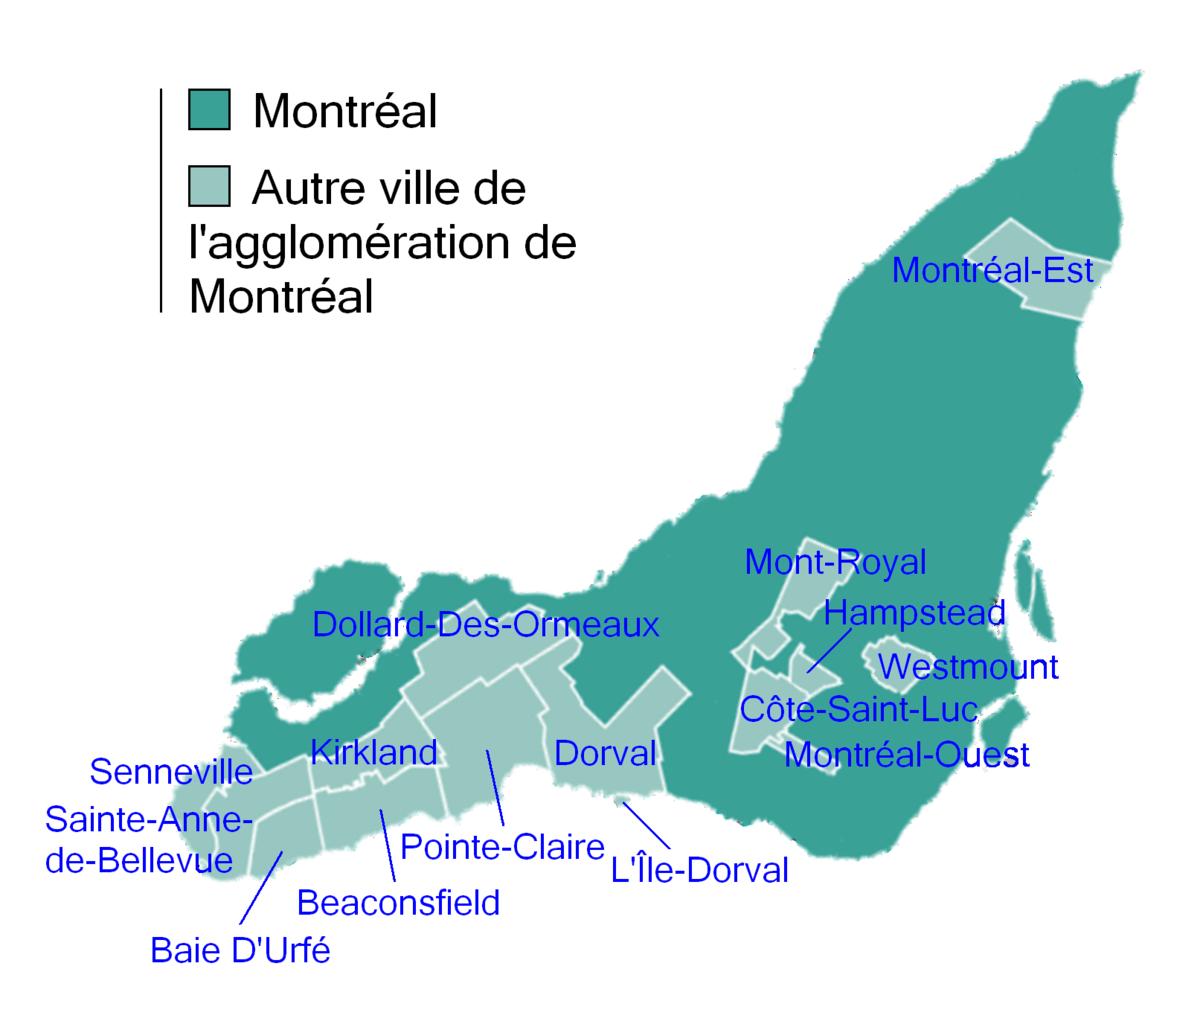 Montreal Region - Wikidata